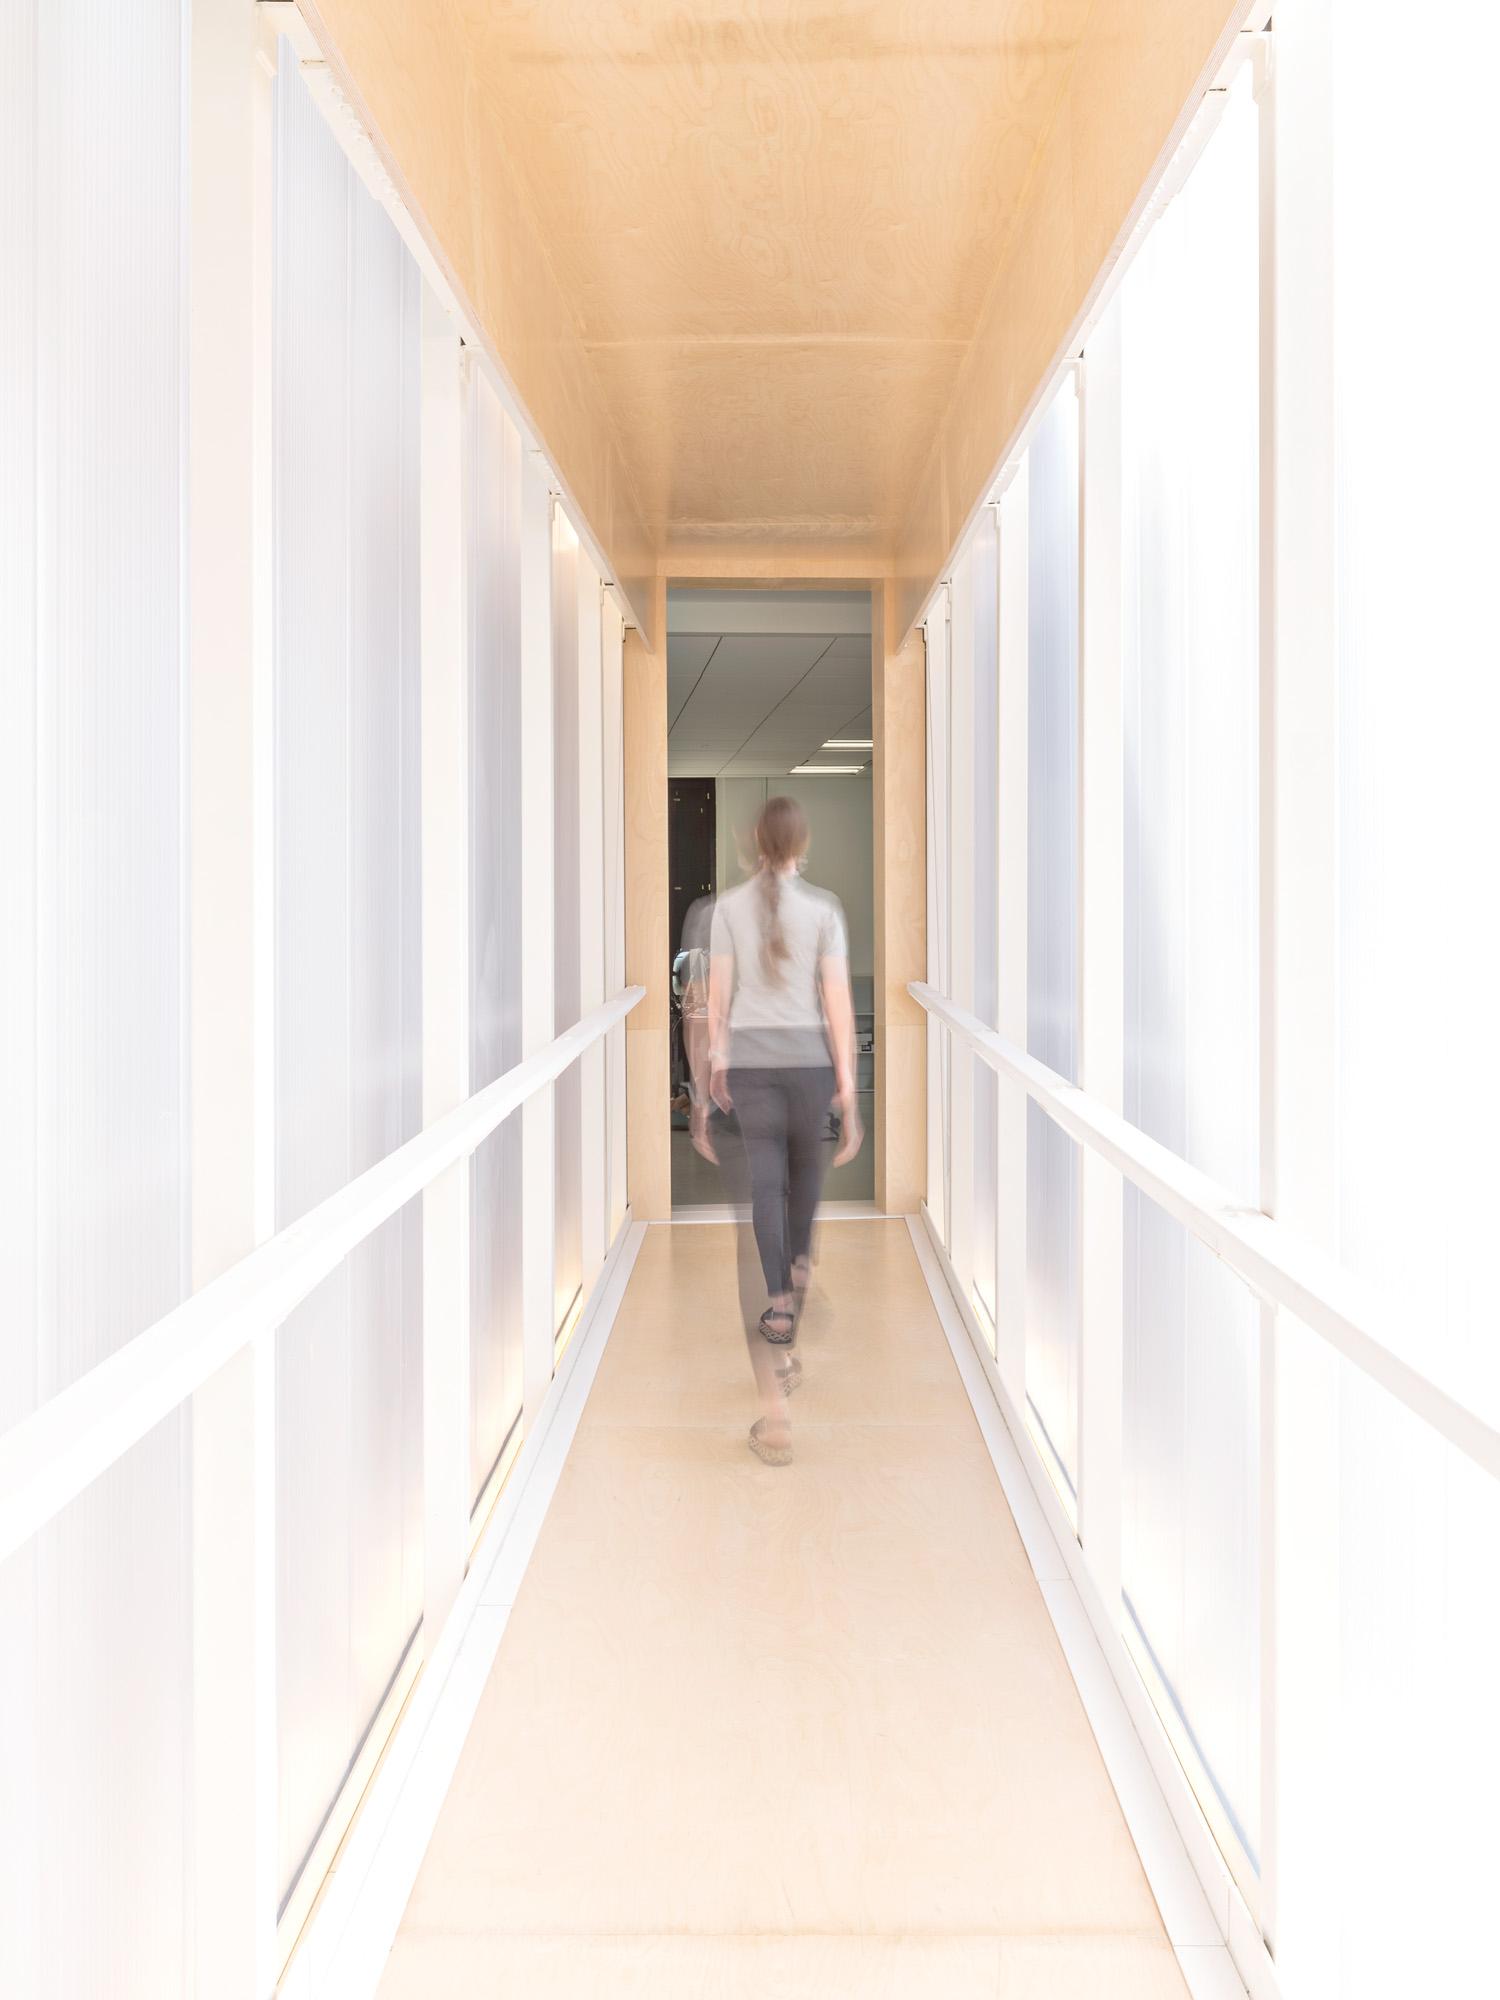 © Beppe Giardino, courtesy Balance Architettura Il camminamento sospeso è racchiuso da un involucro realizzato con pannelli in policarbonato da 60 mm arcoWall® di dott. Gallina. Le lastre color cristallo permettono l'illuminazione naturale del corridoio e la finitura opaca assicura una diffusione omogenea della luce.